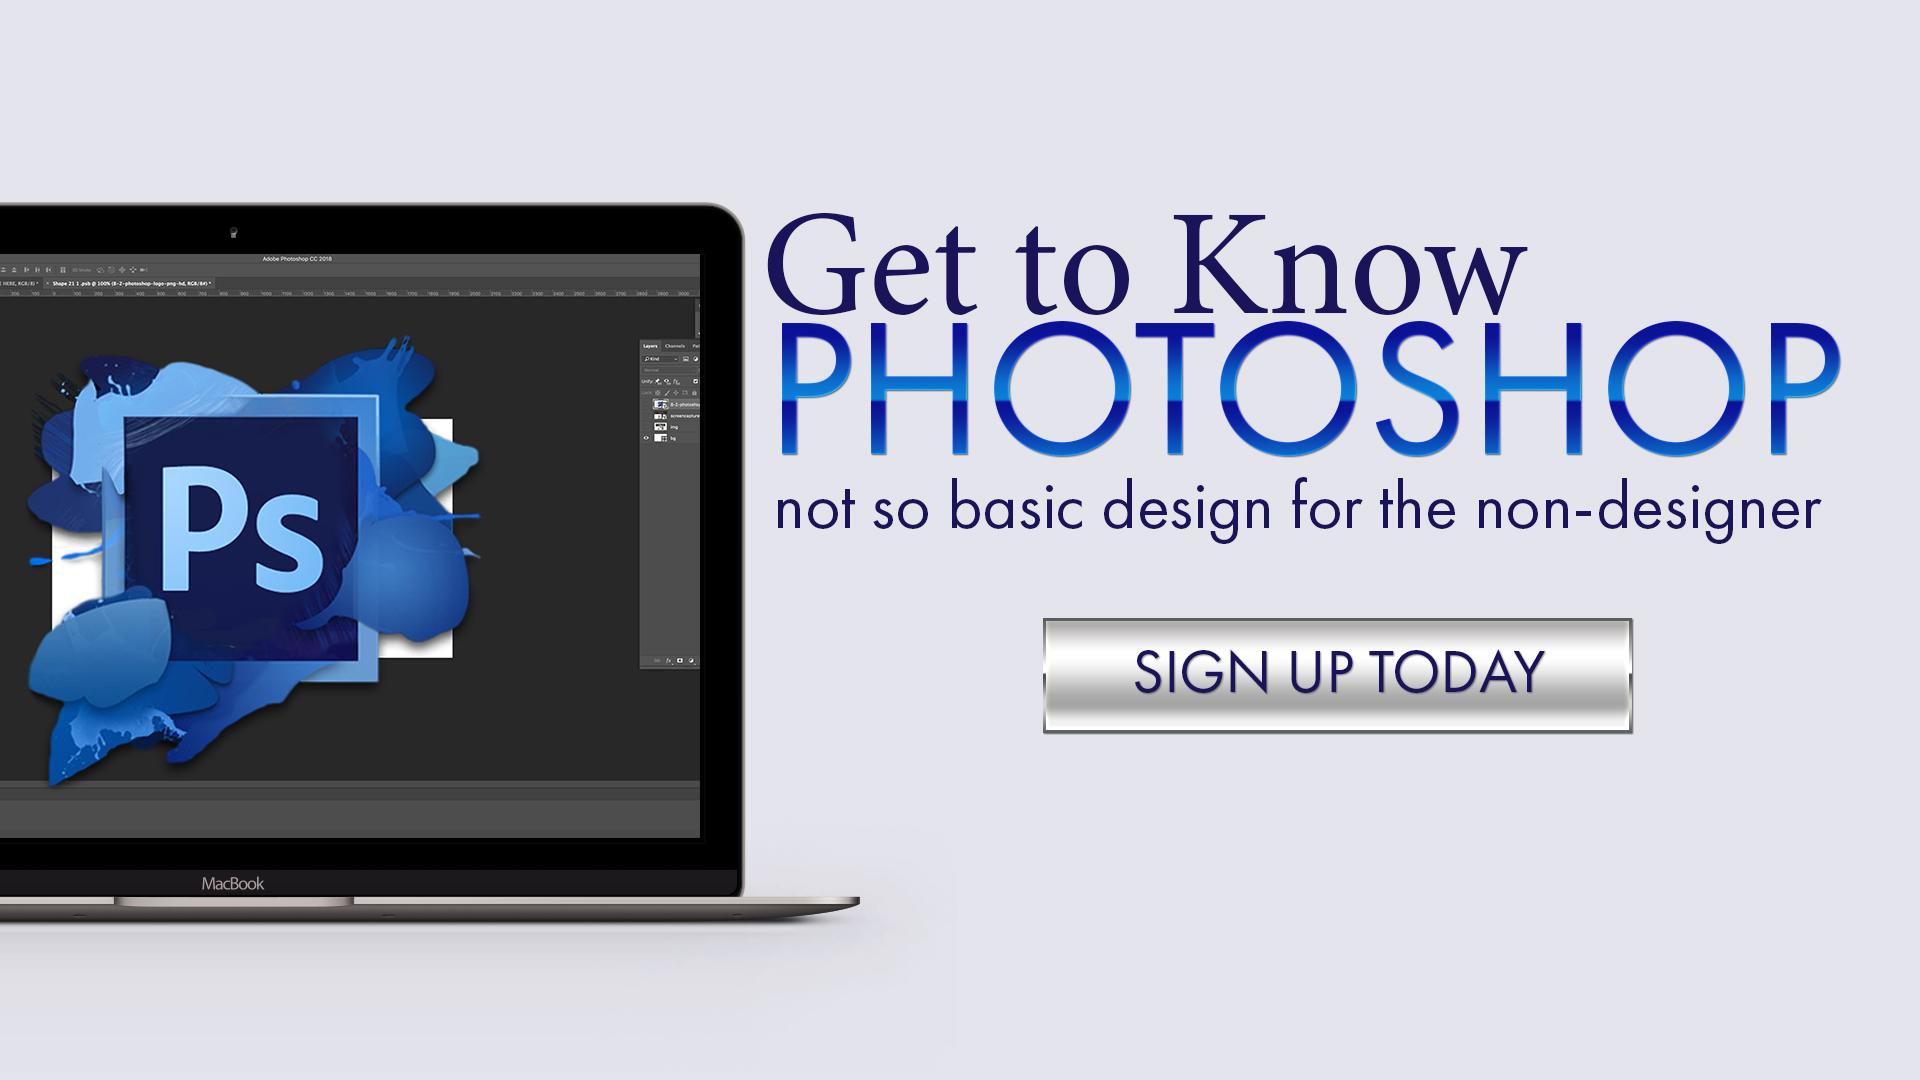 photoshop-webinar2.jpg